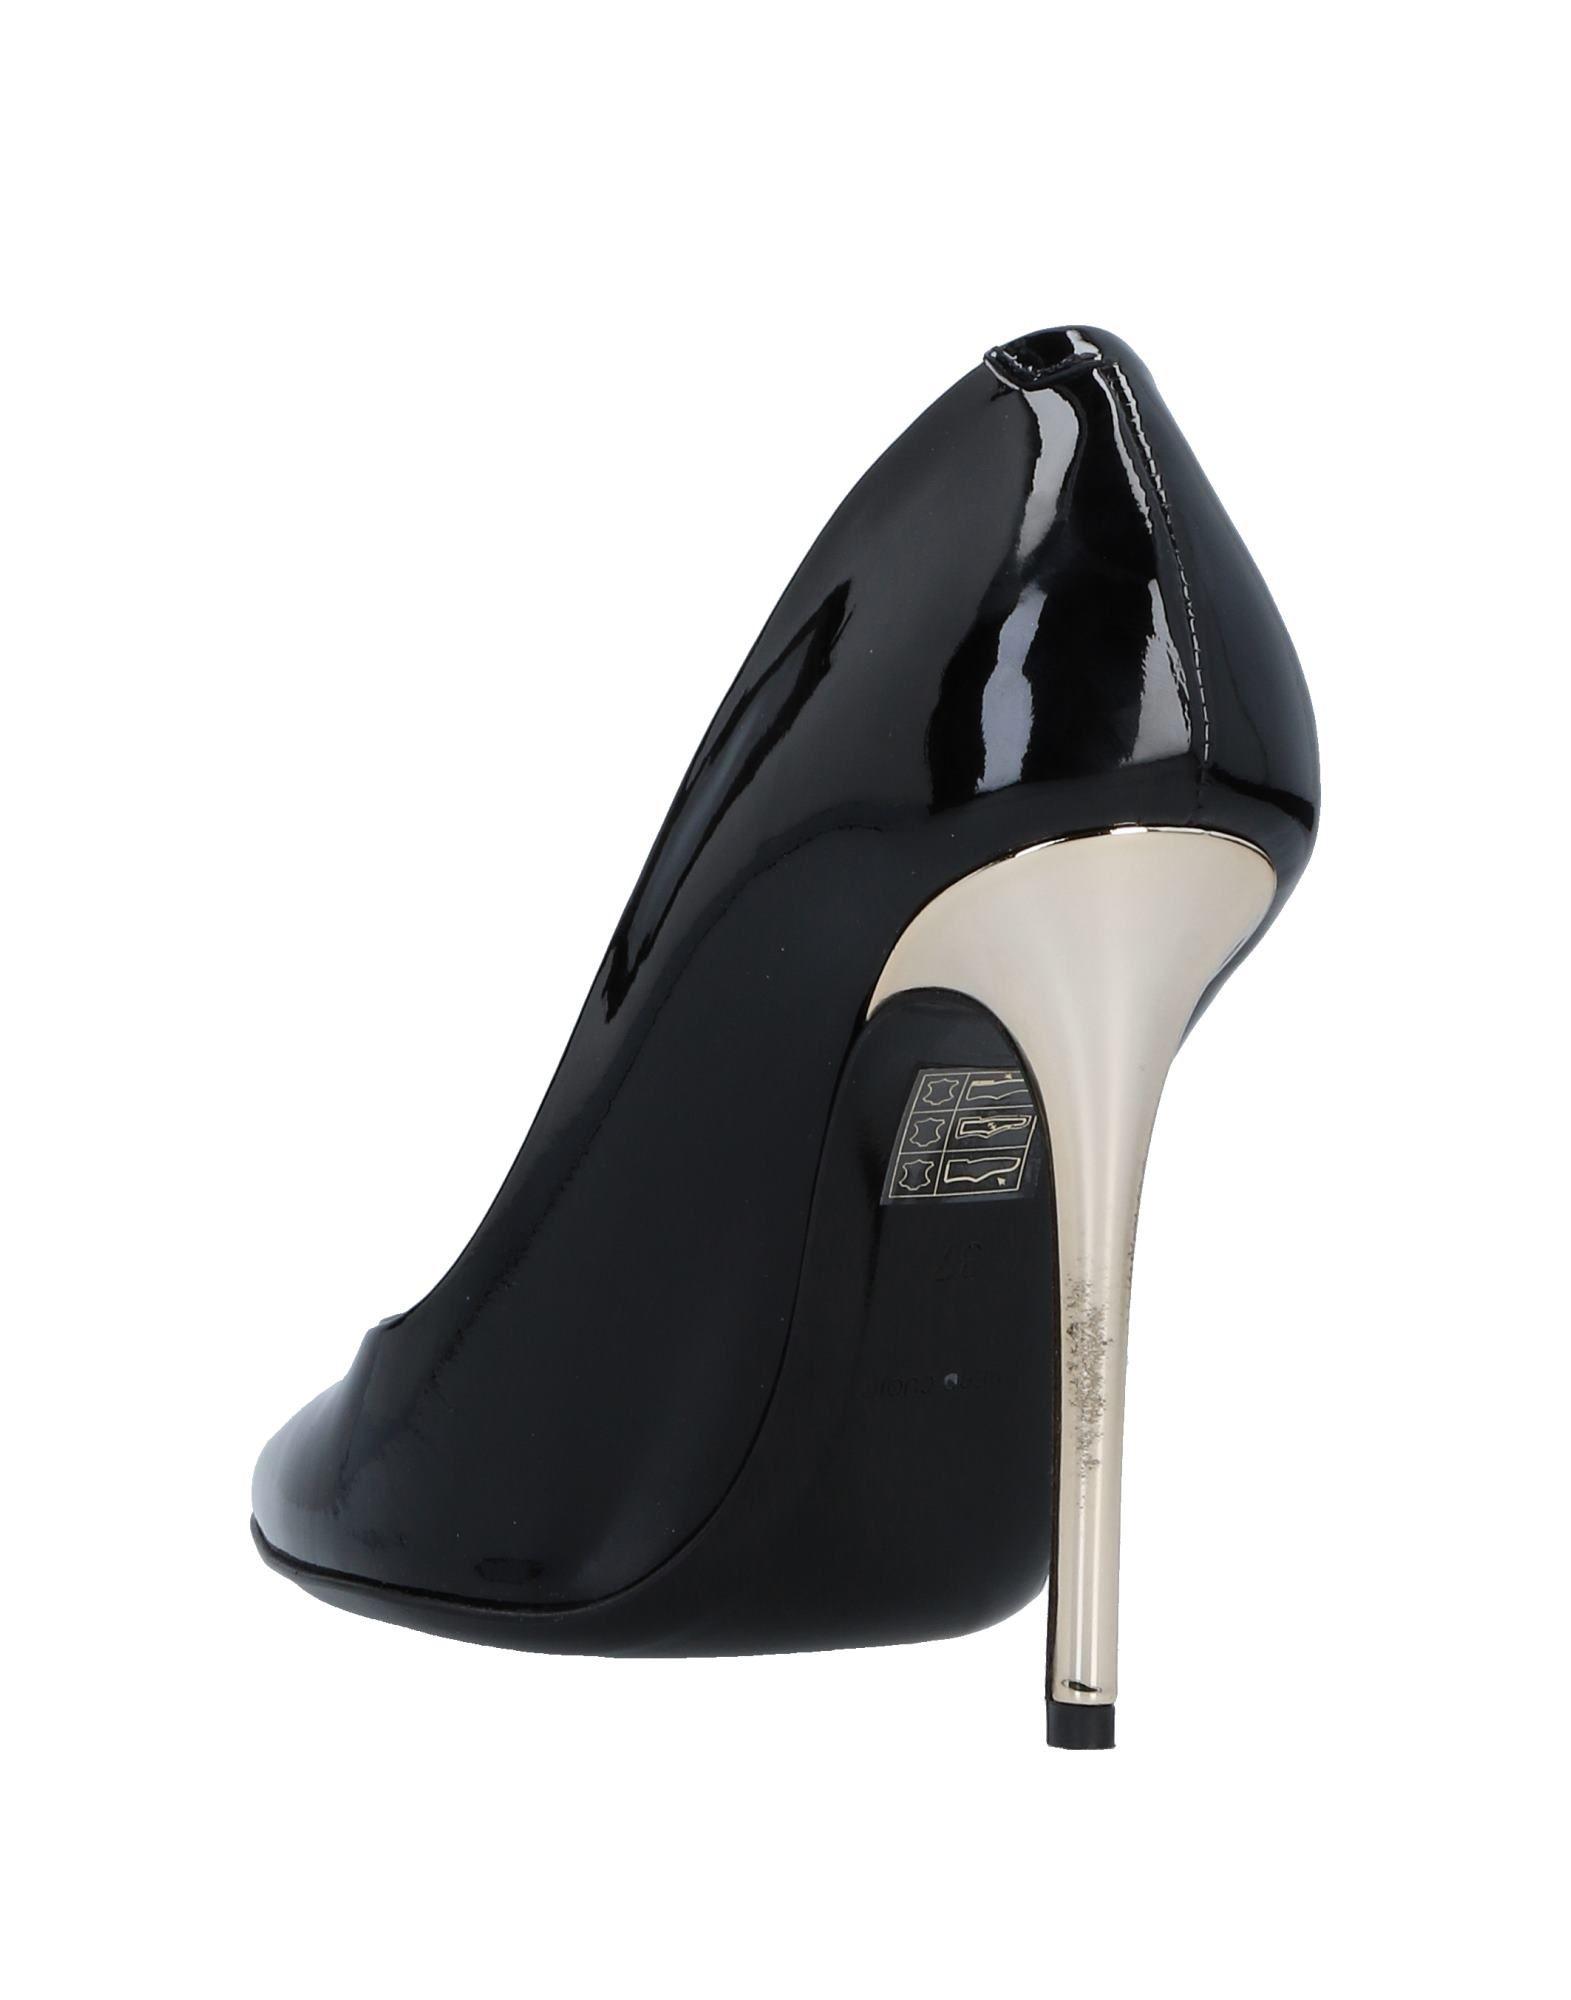 Rabatt Schuhe Ermanno Scervino Pumps 11535338IA Damen  11535338IA Pumps ad691f